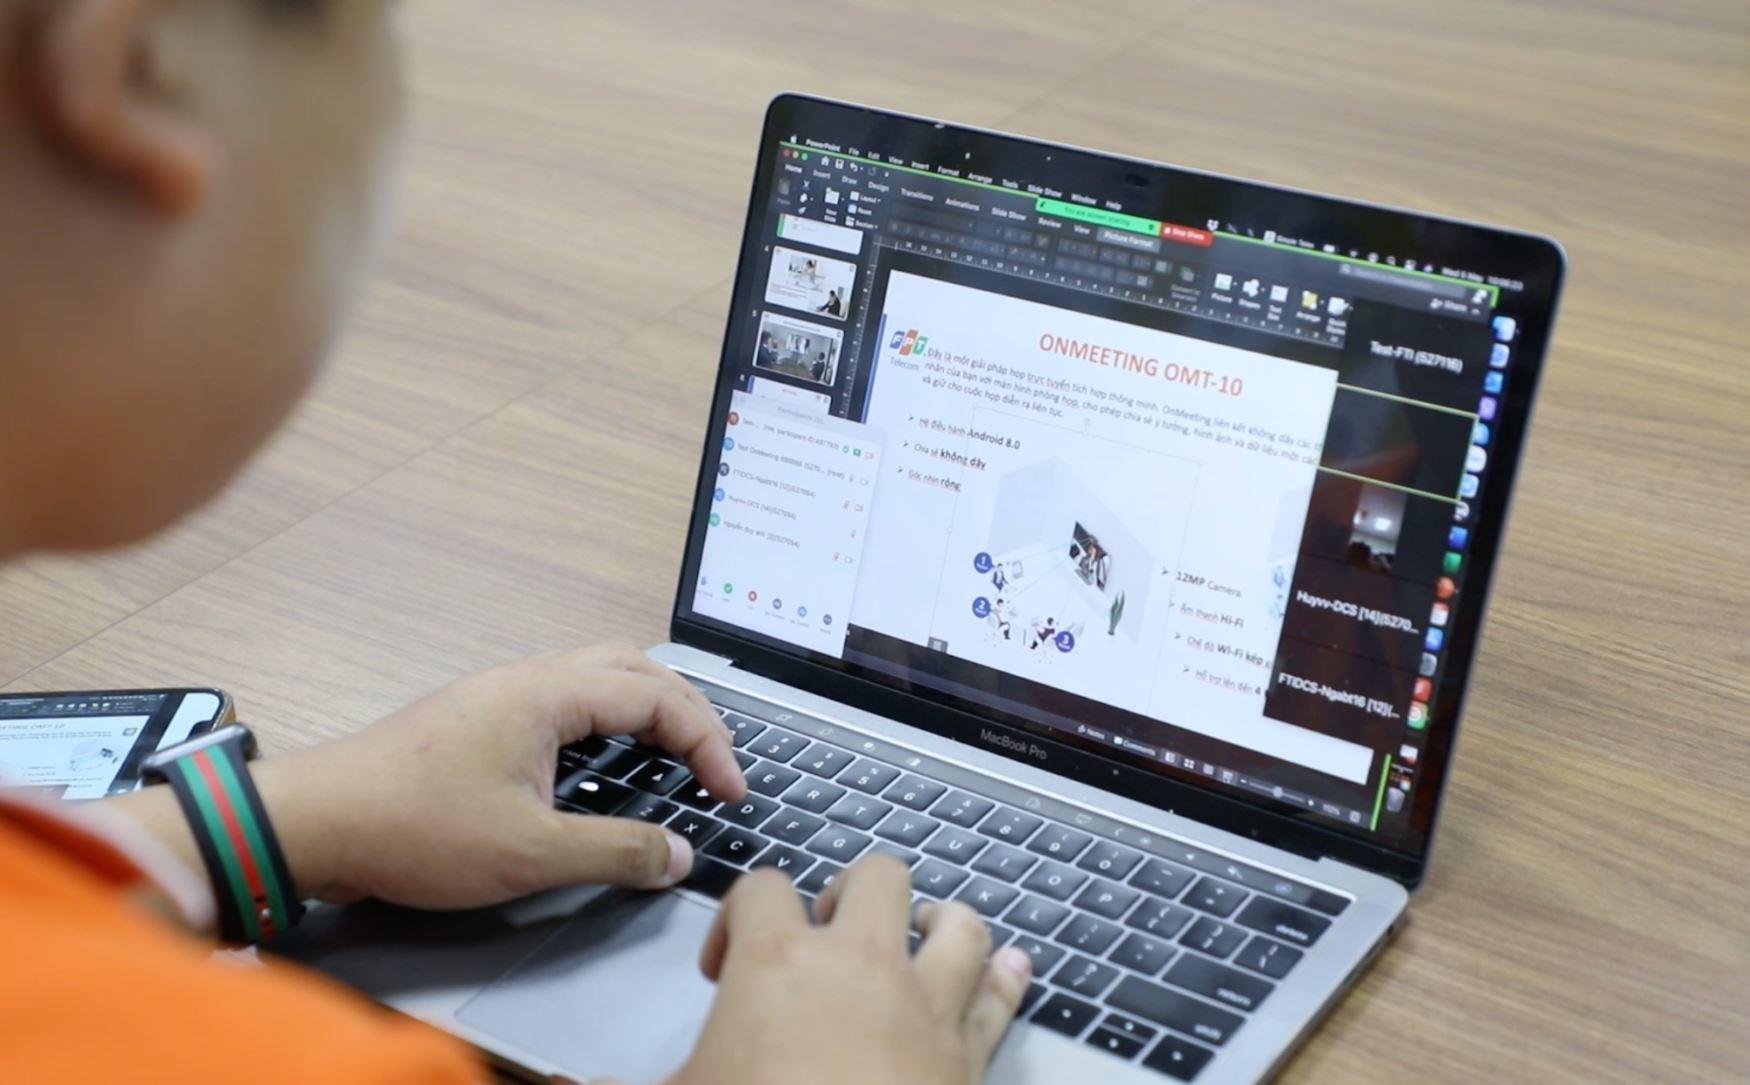 Giải pháp họp trực tuyến OnMeeting ưu tiên băng thông và kết nối tại Việt Nam